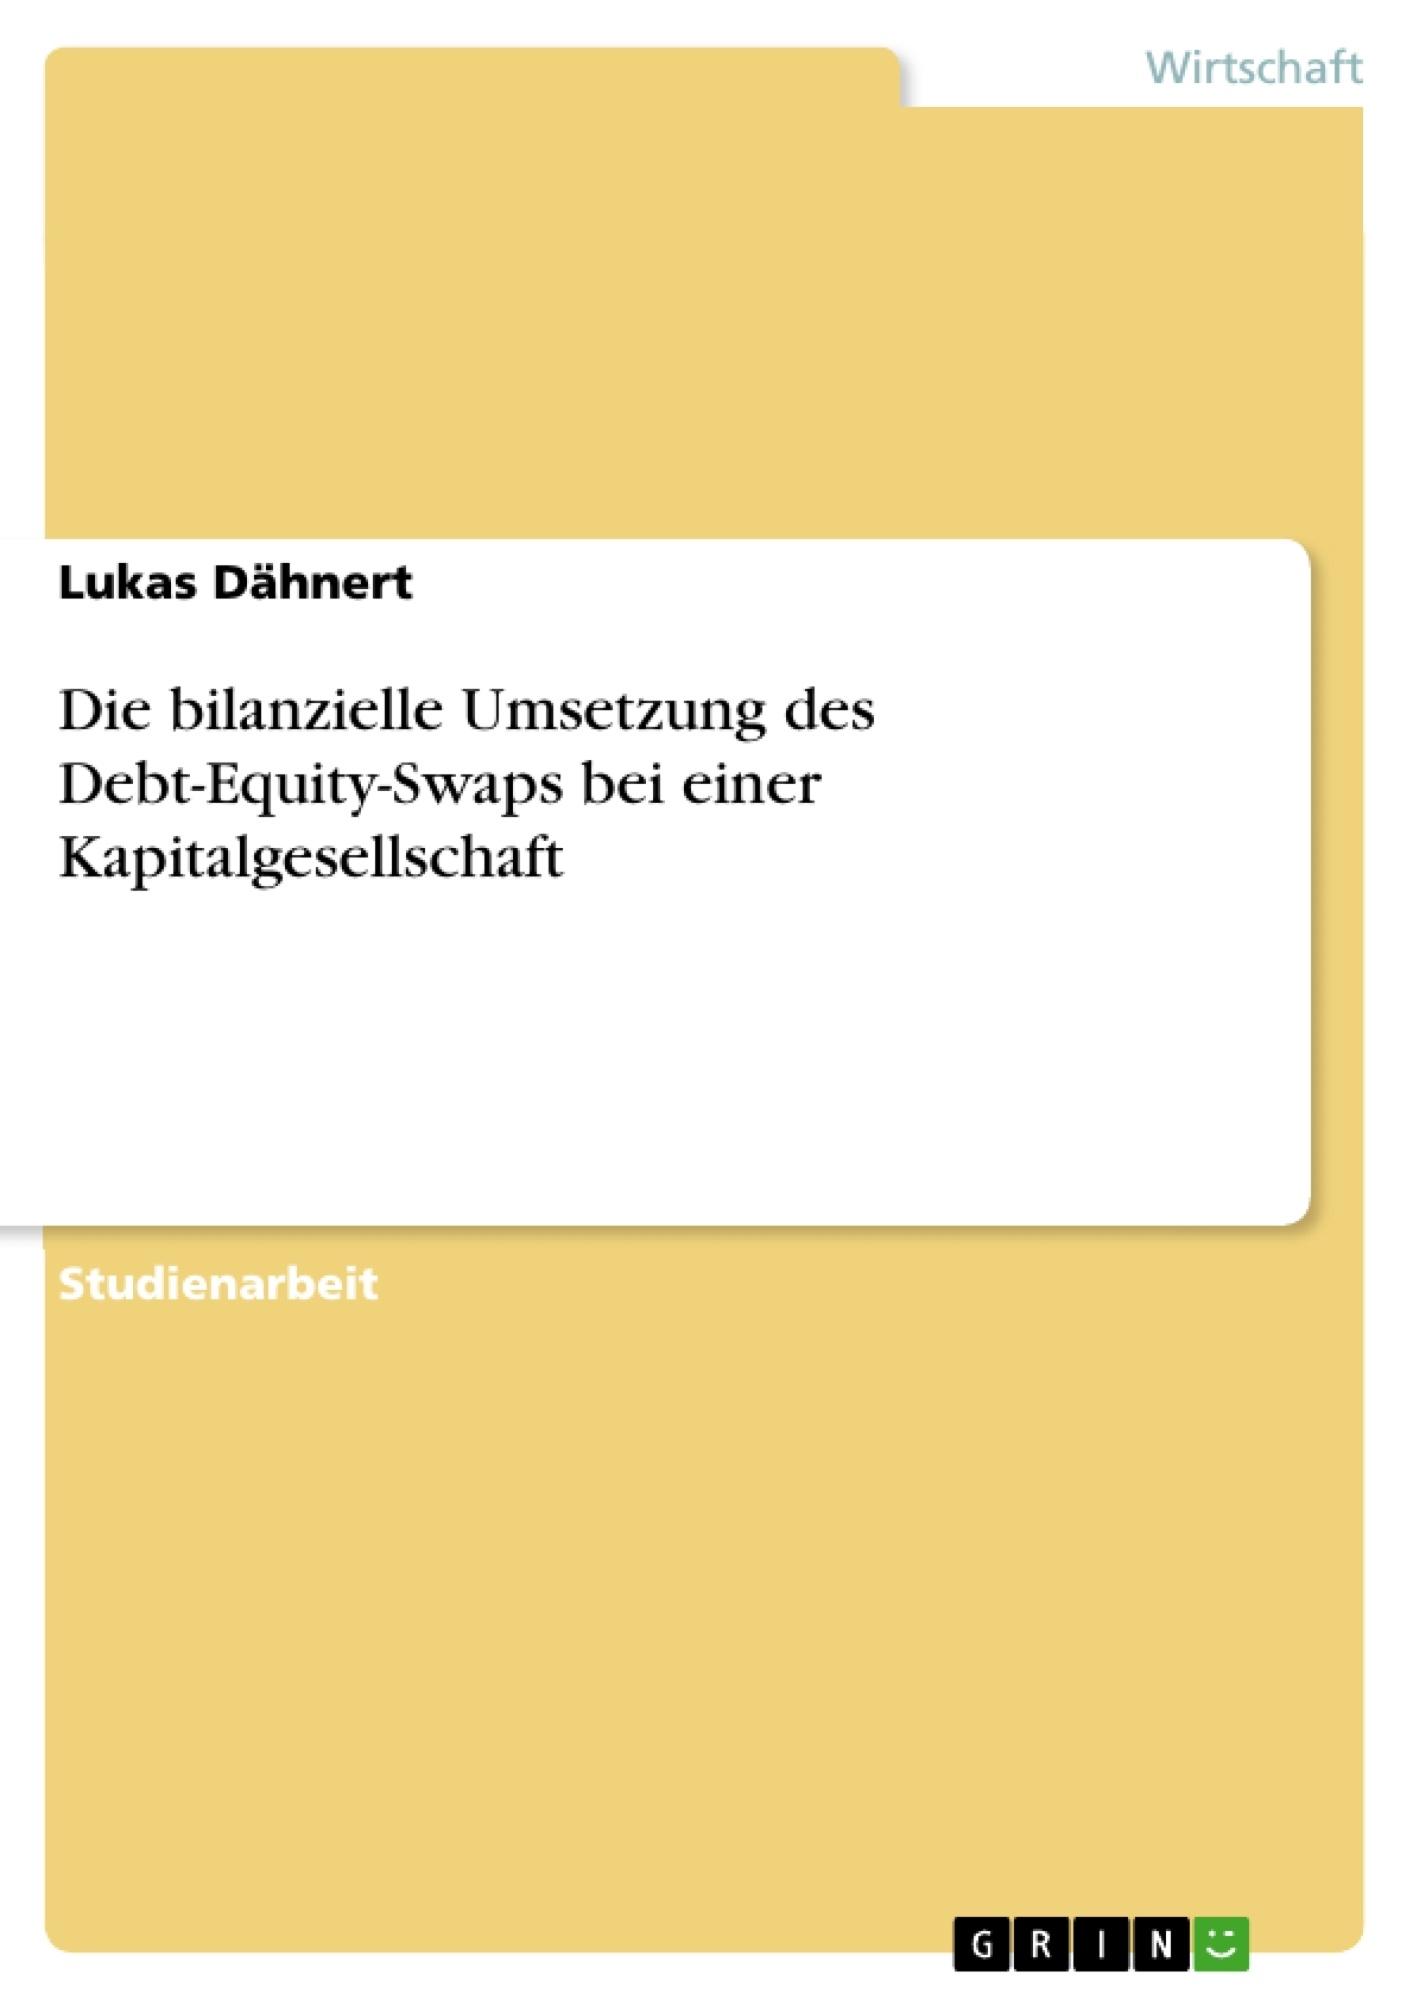 Titel: Die bilanzielle Umsetzung des Debt-Equity-Swaps bei einer Kapitalgesellschaft